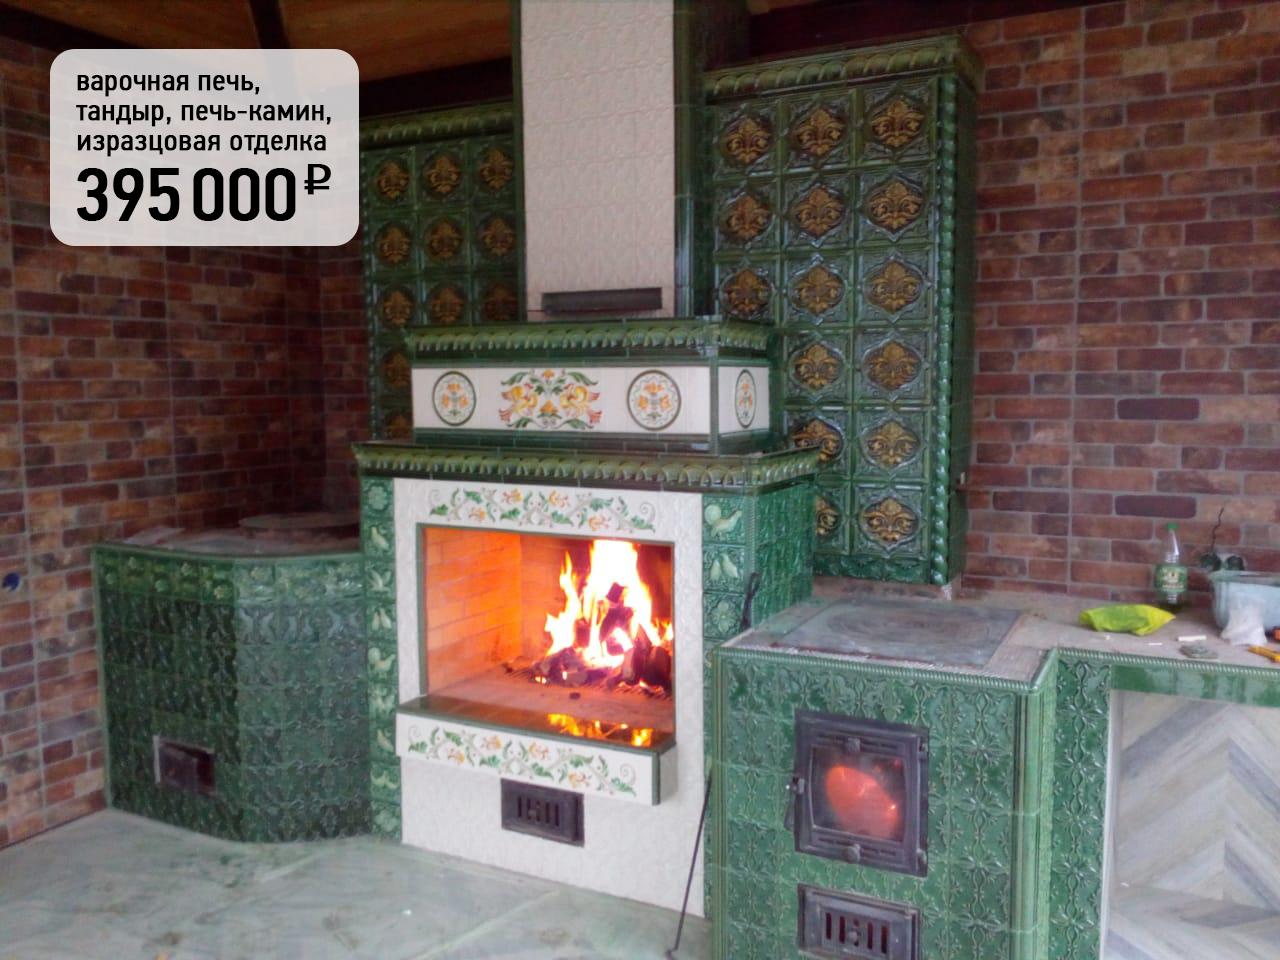 варочная печь, тандыр, печь камин, израз